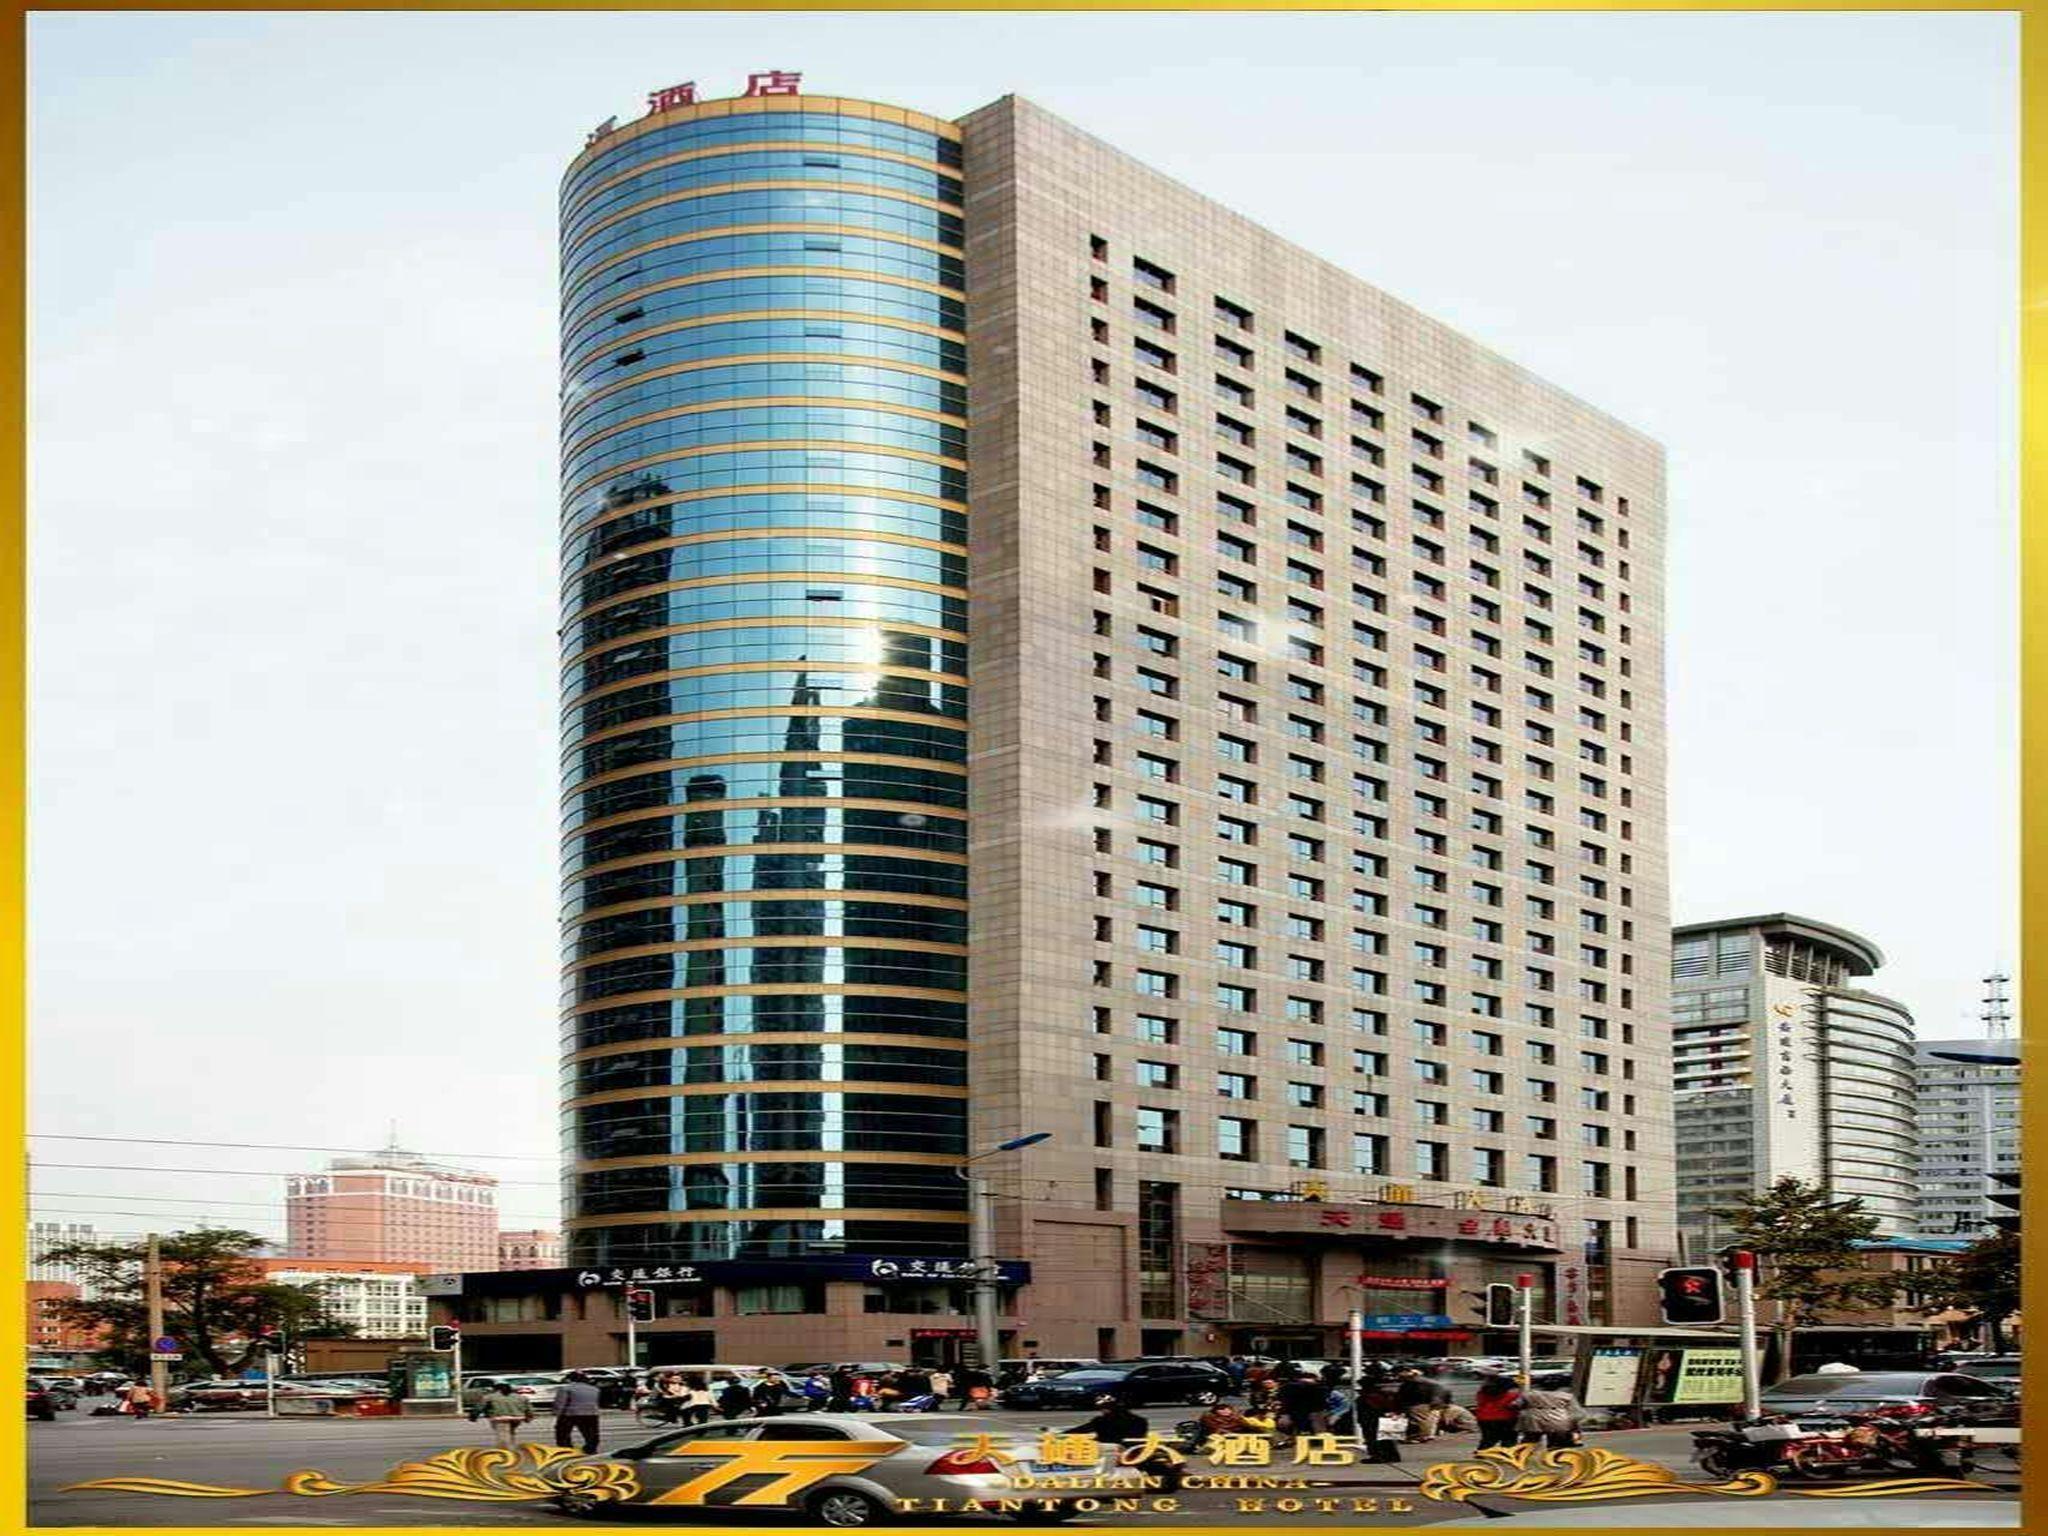 Tian Tong Hotel